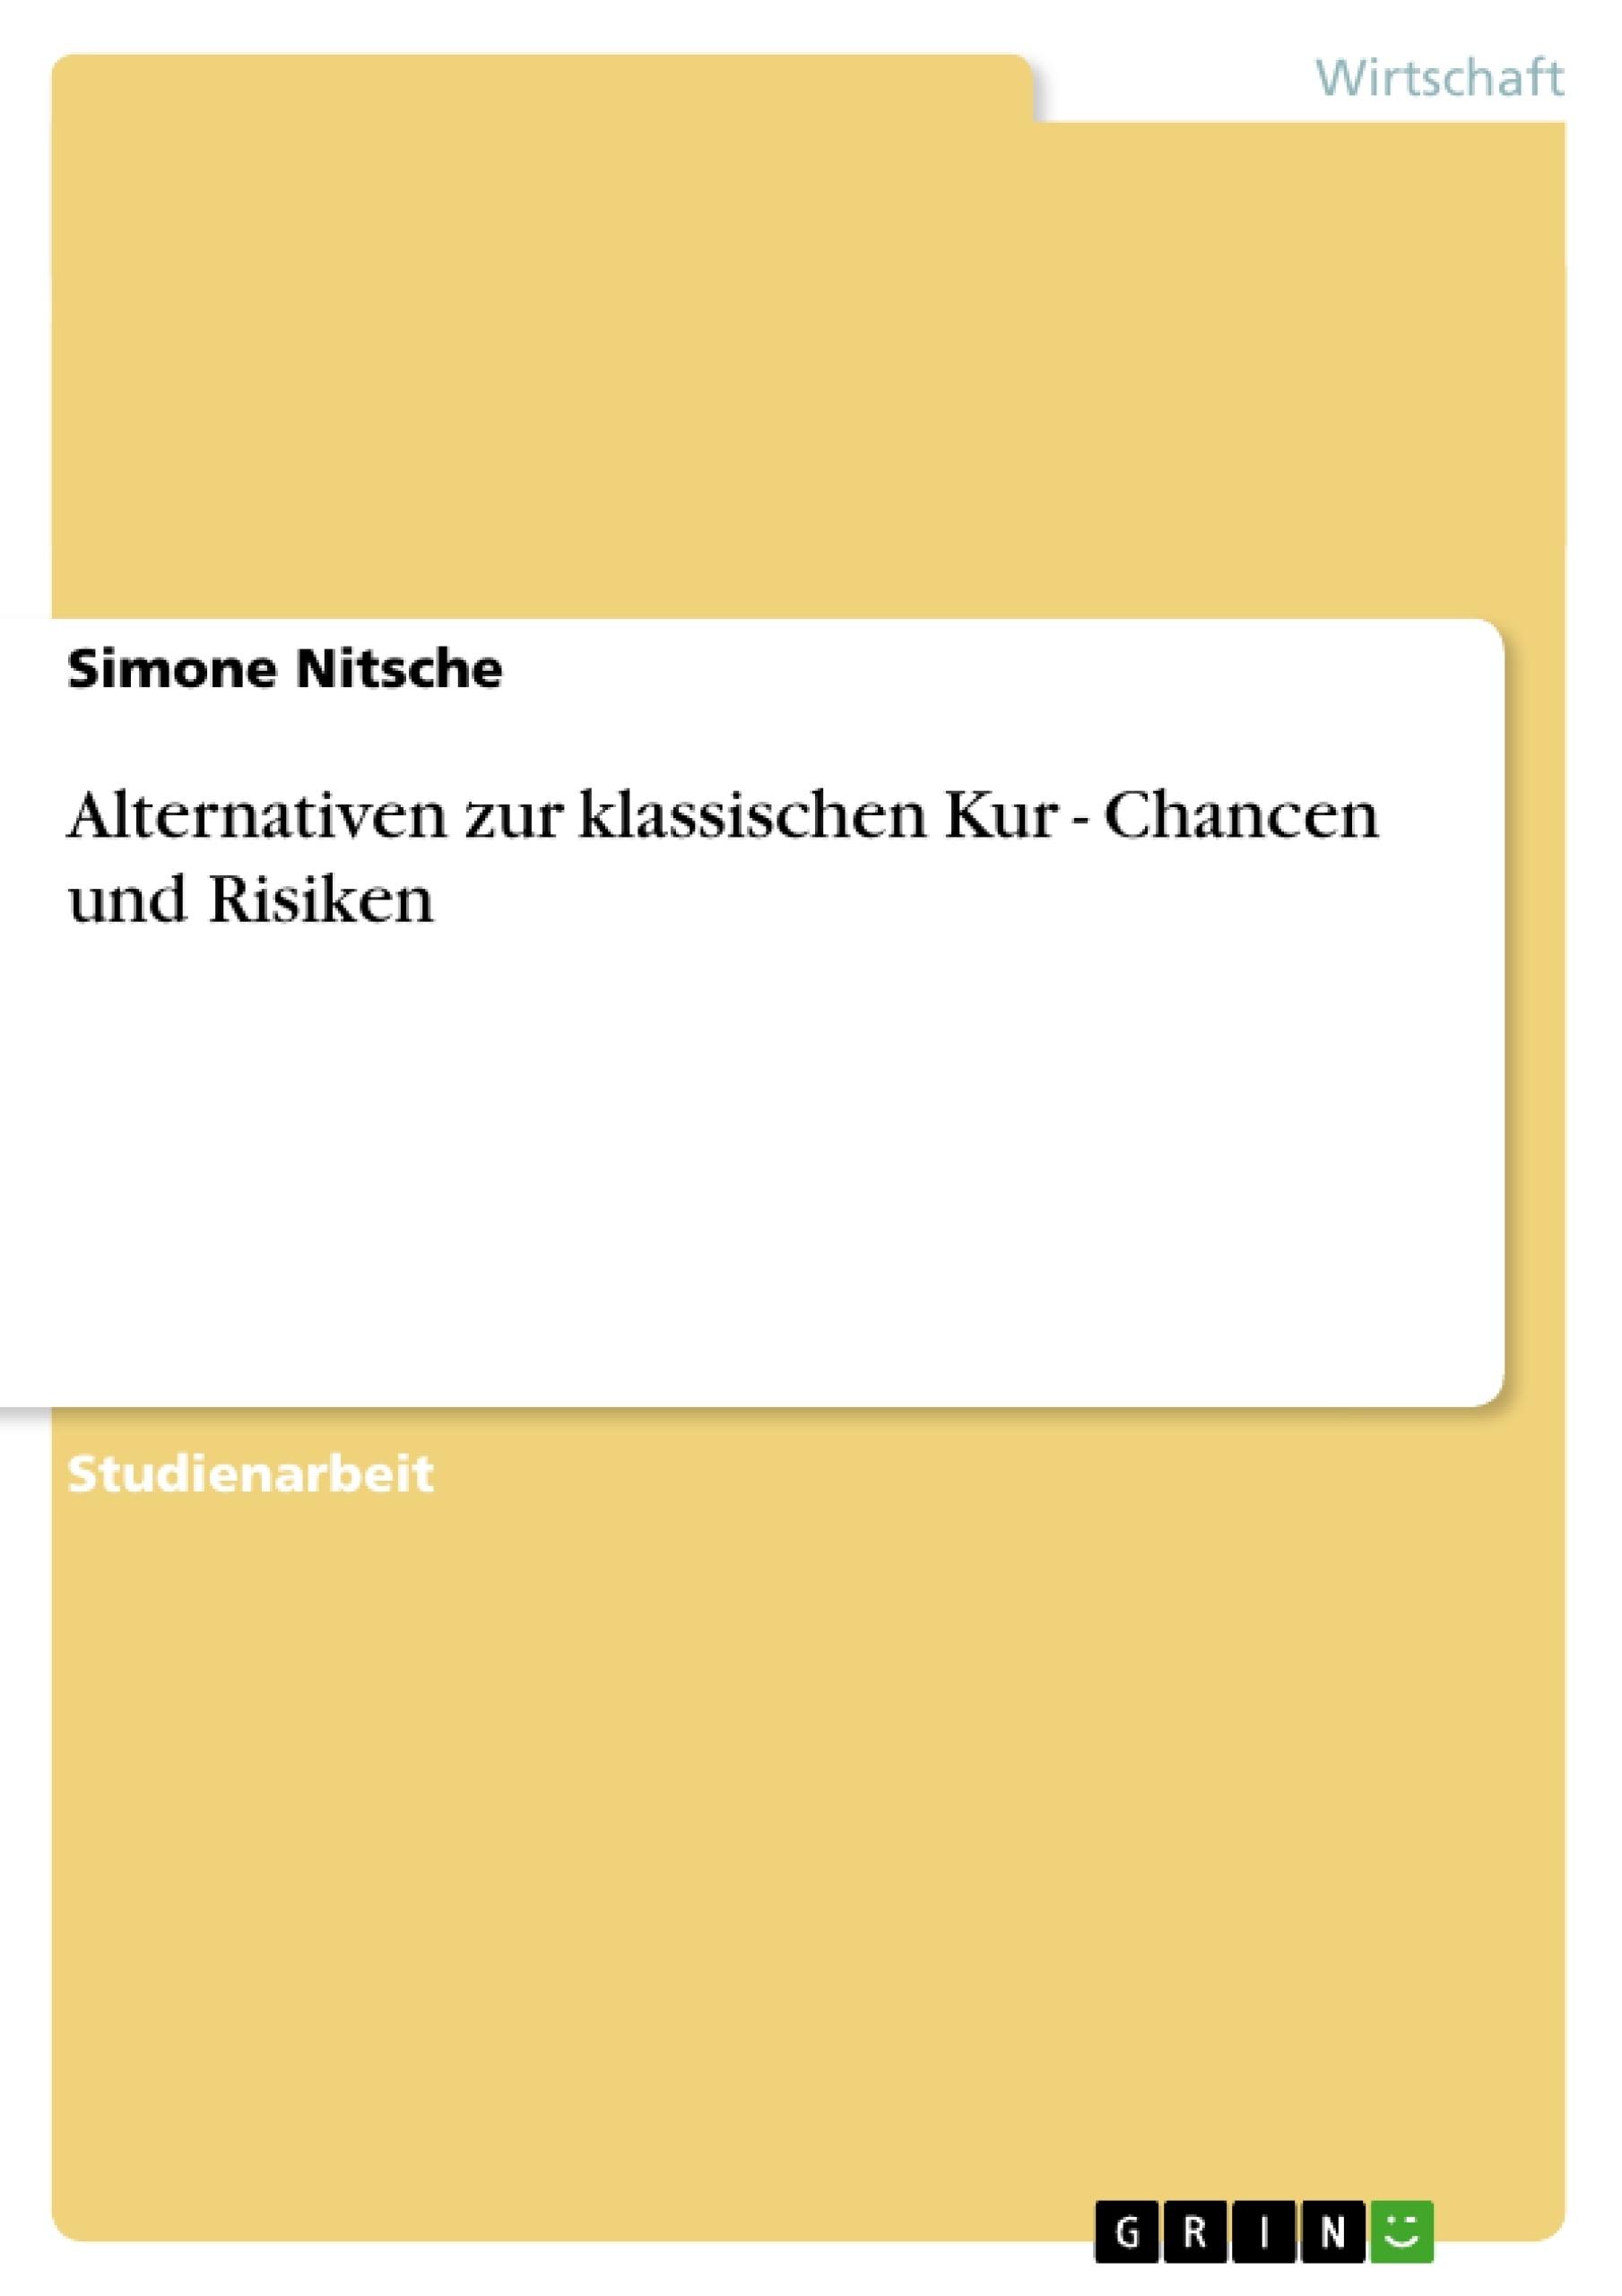 Titel: Alternativen zur klassischen Kur - Chancen und Risiken